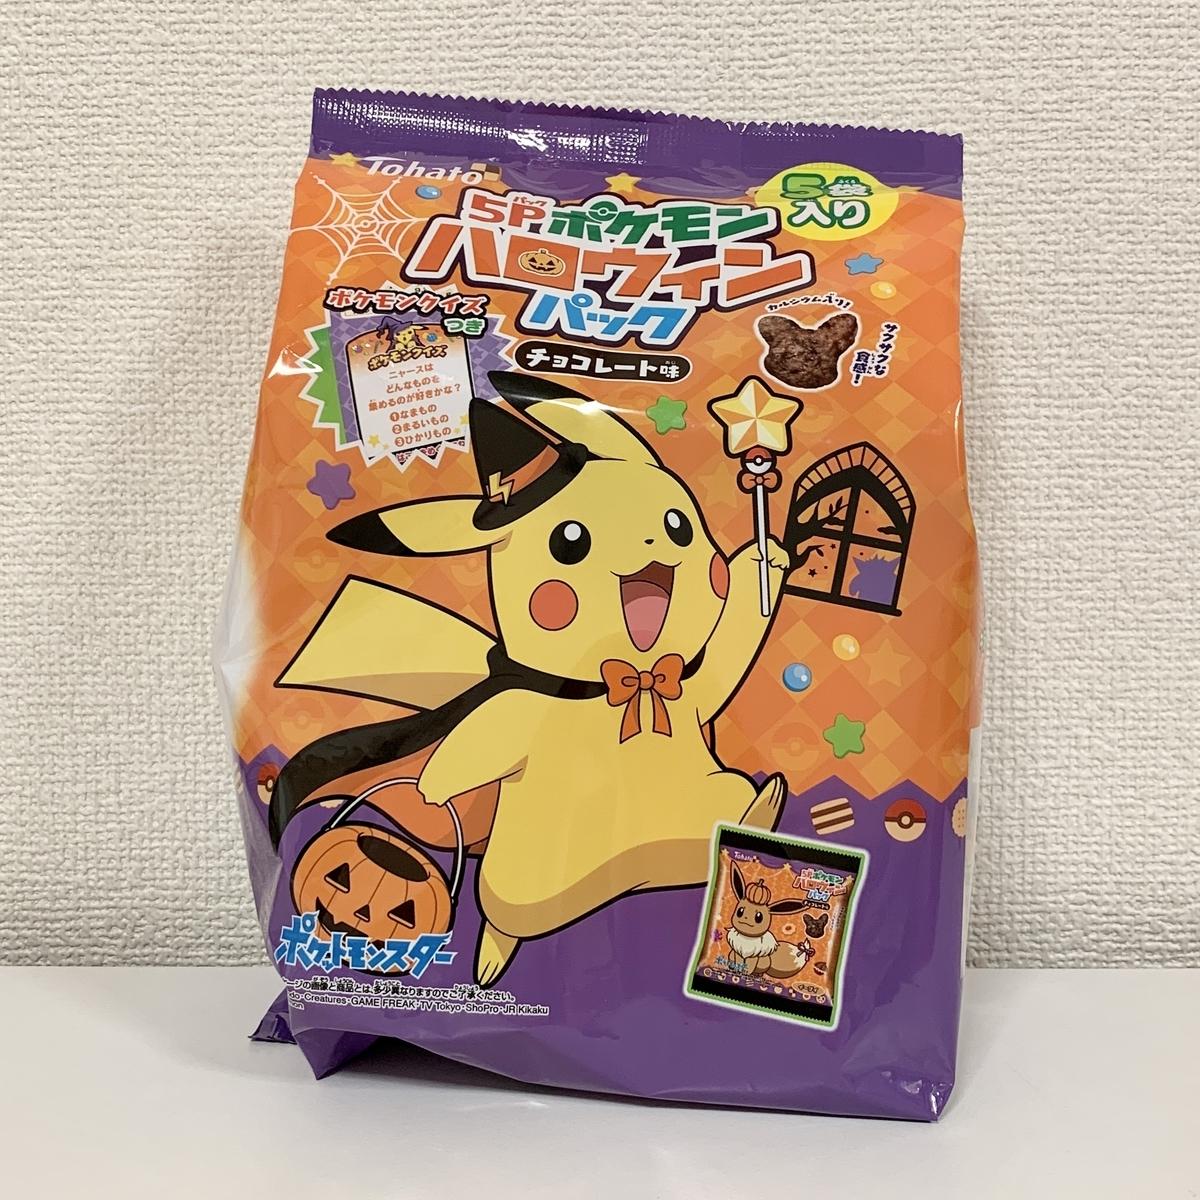 f:id:pikachu_pcn:20210830090950j:plain